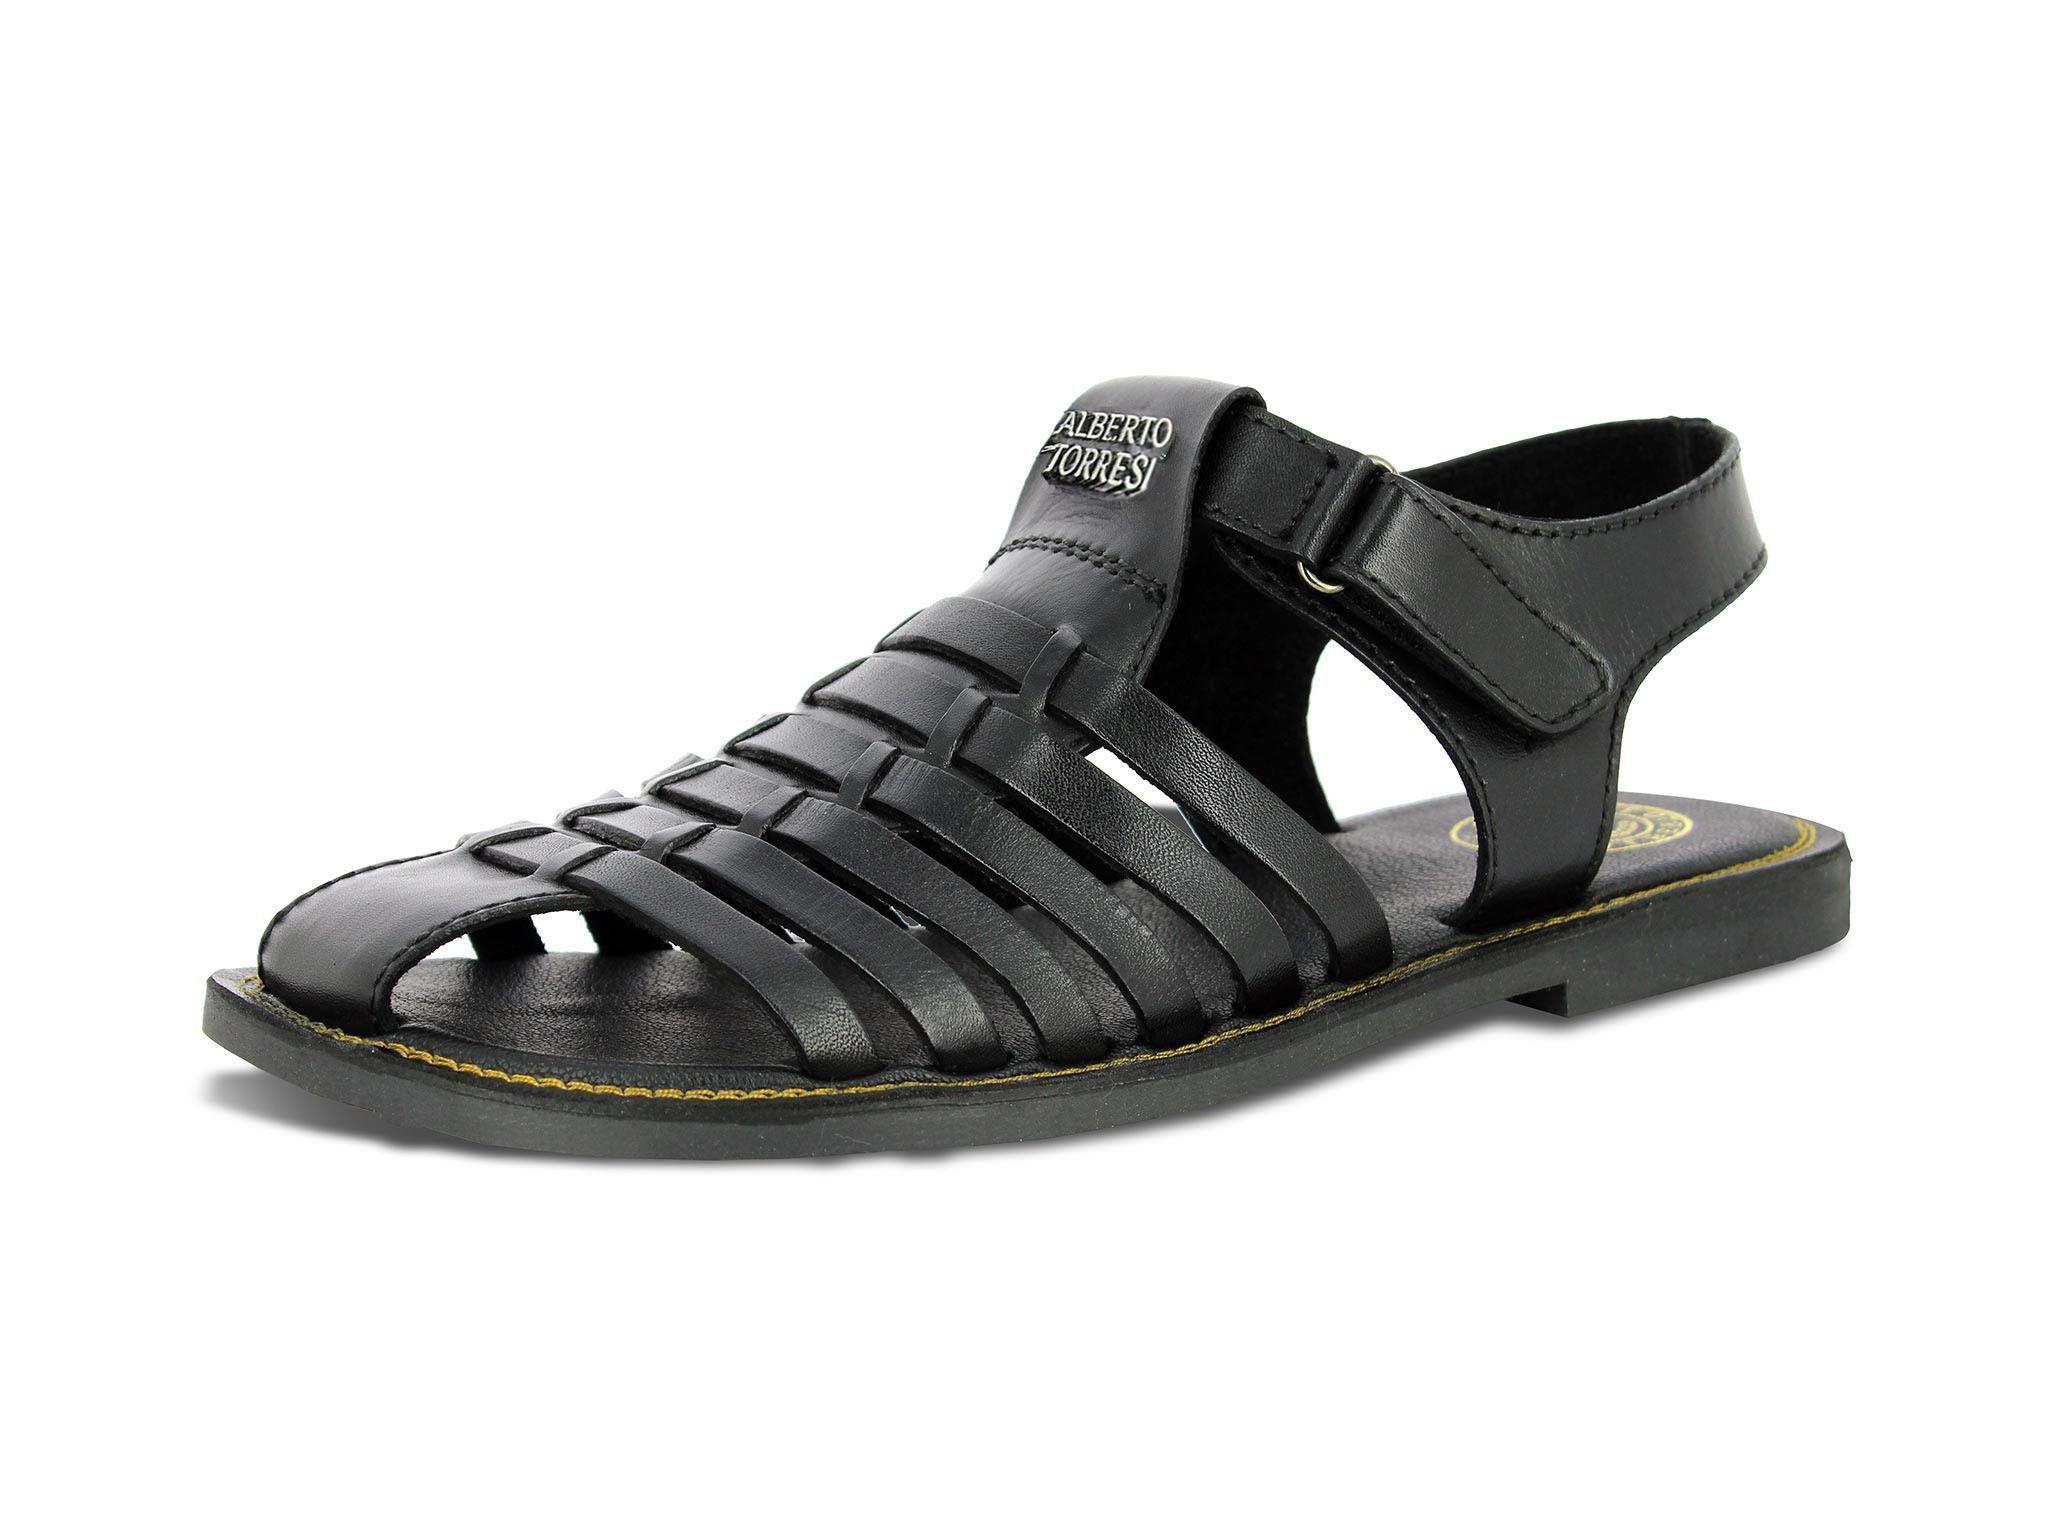 754b029c4472c Buy Black Leather Sandals for Men Online